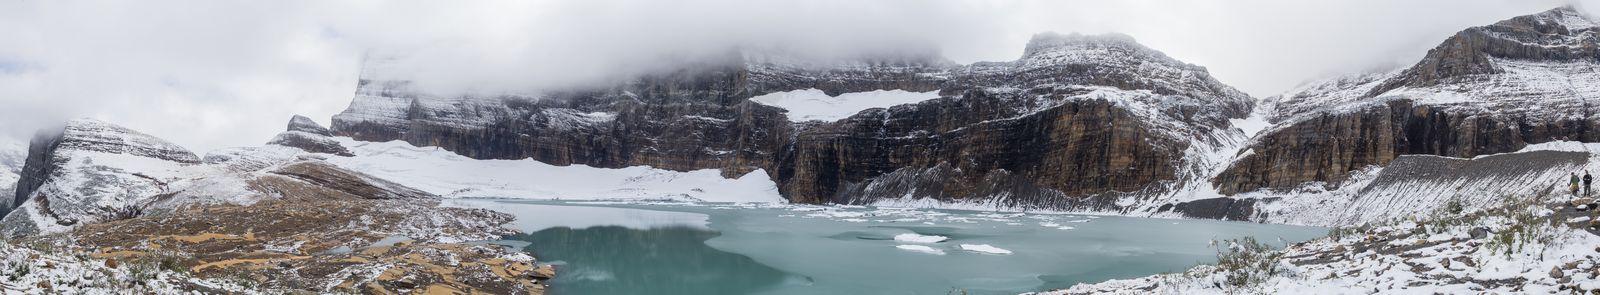 Ahora sí, lo más cerca posible... Grinnell Glacier